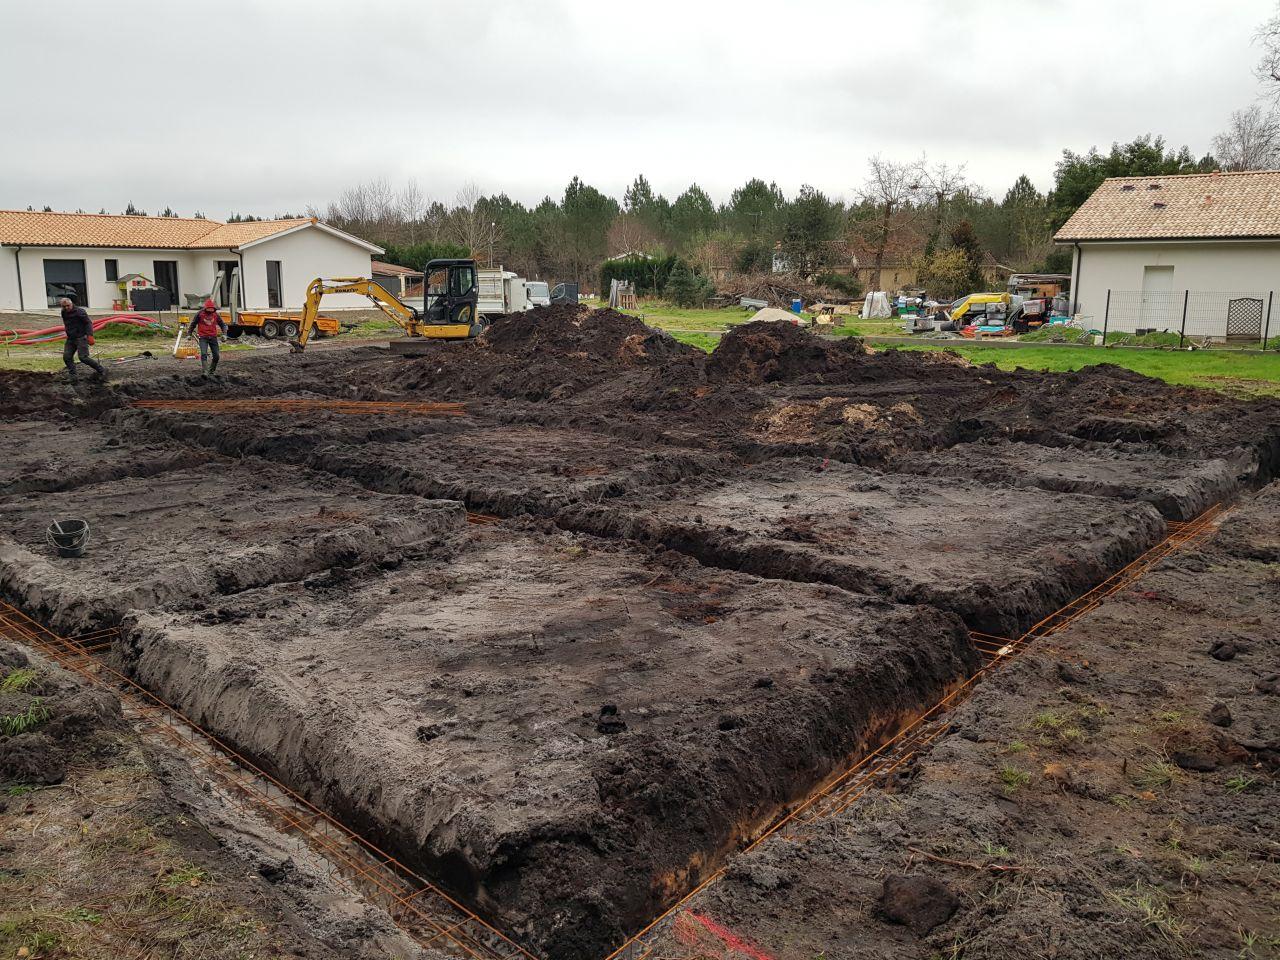 Fonds de fouilles faites et dépose de l'armature.